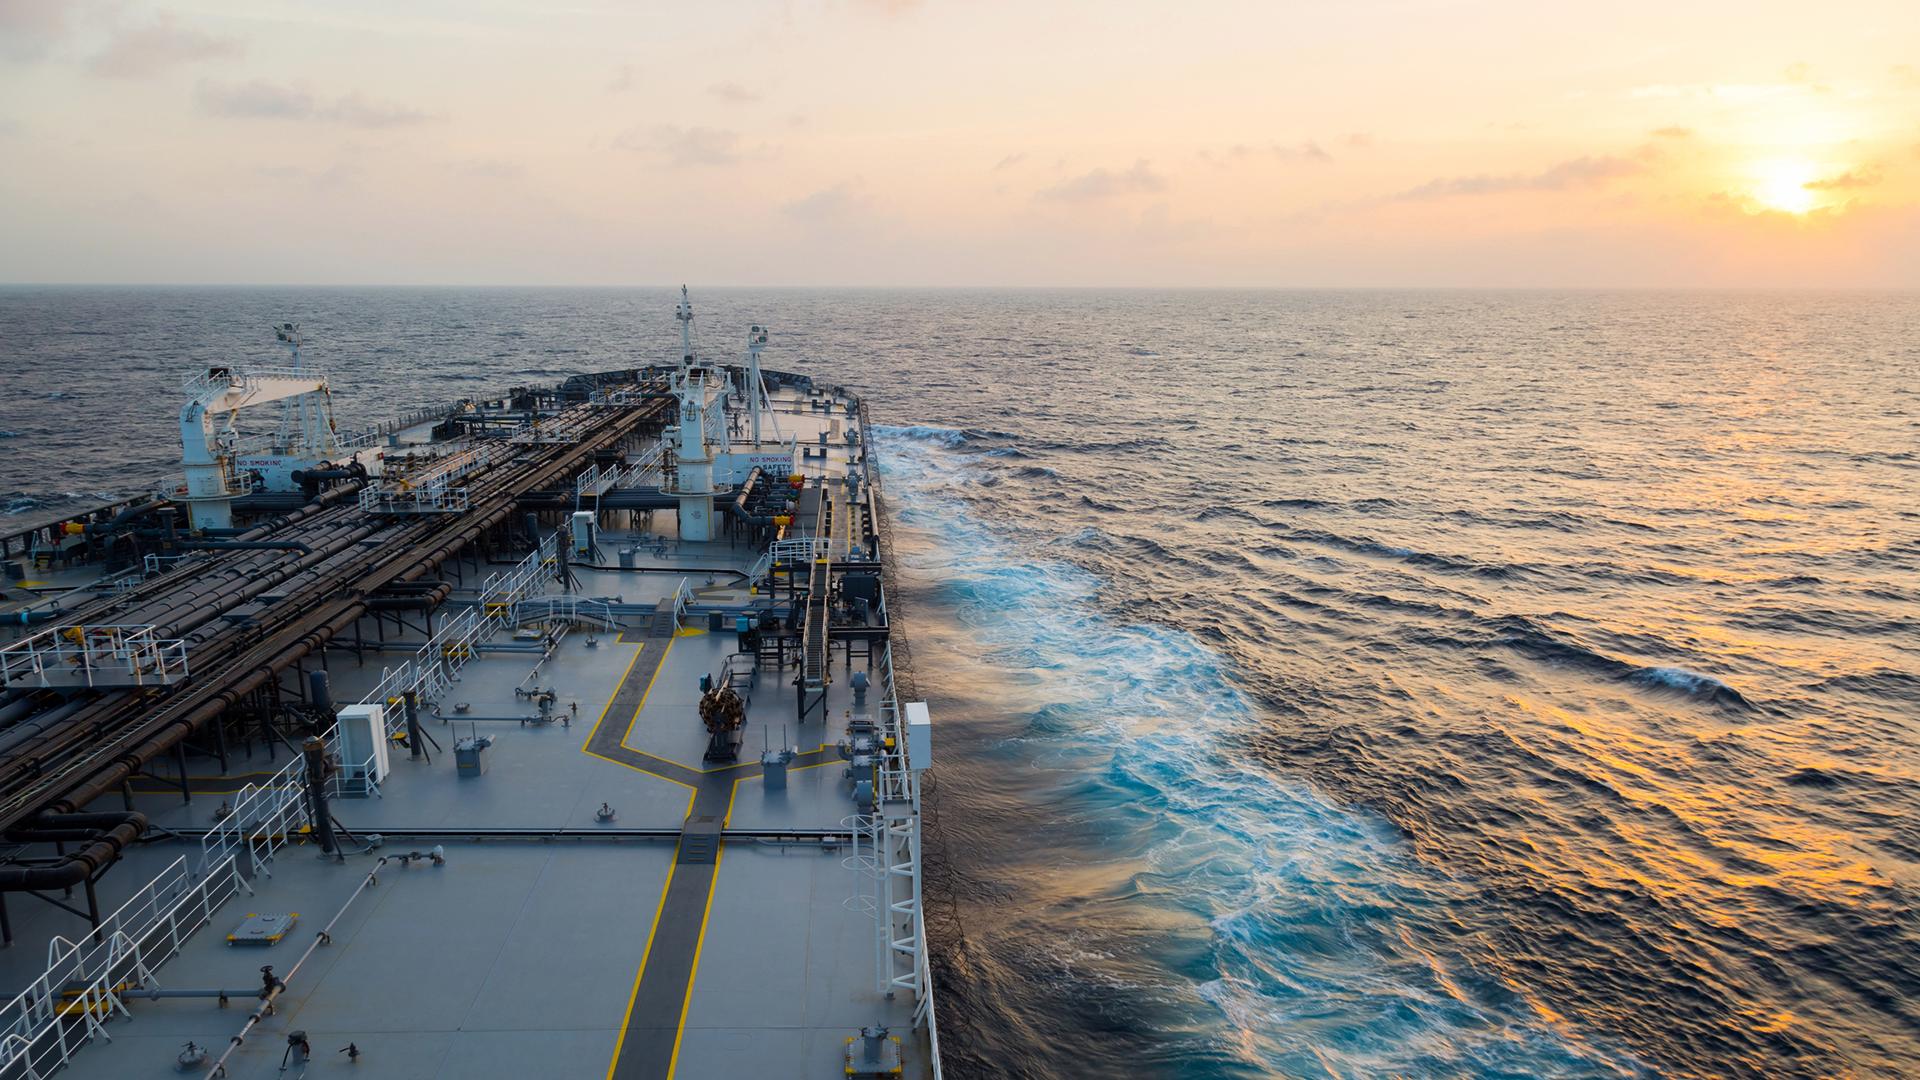 Big grey oil tanker underway in the open sea